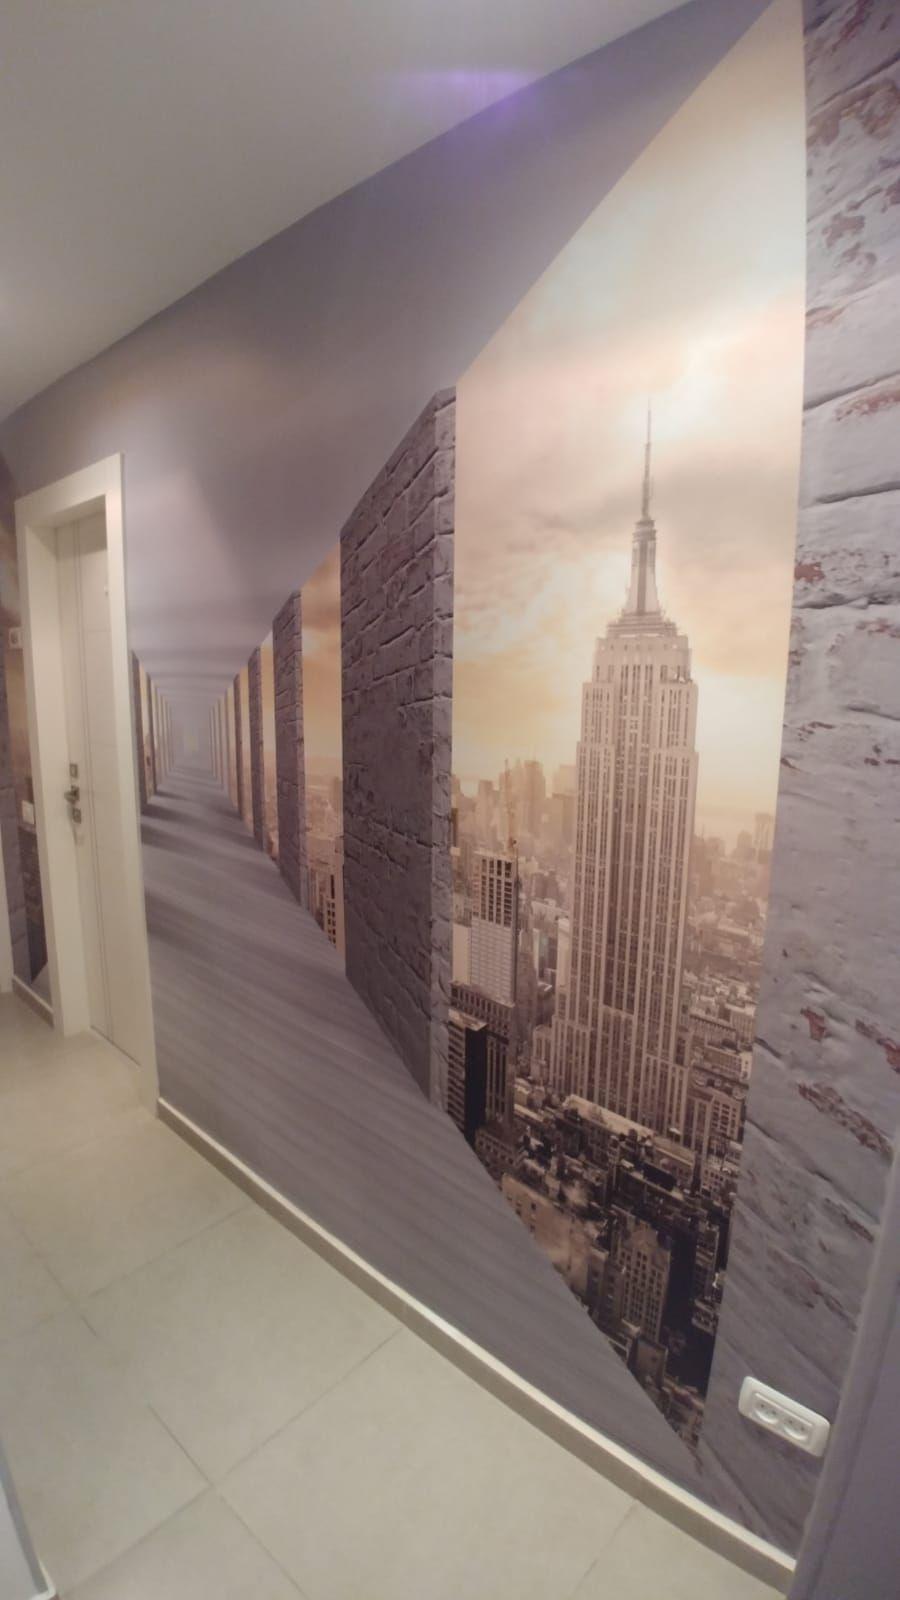 Fotooboi 3d Dmtapetim Mural 3dprinting 3dprint 3dmural